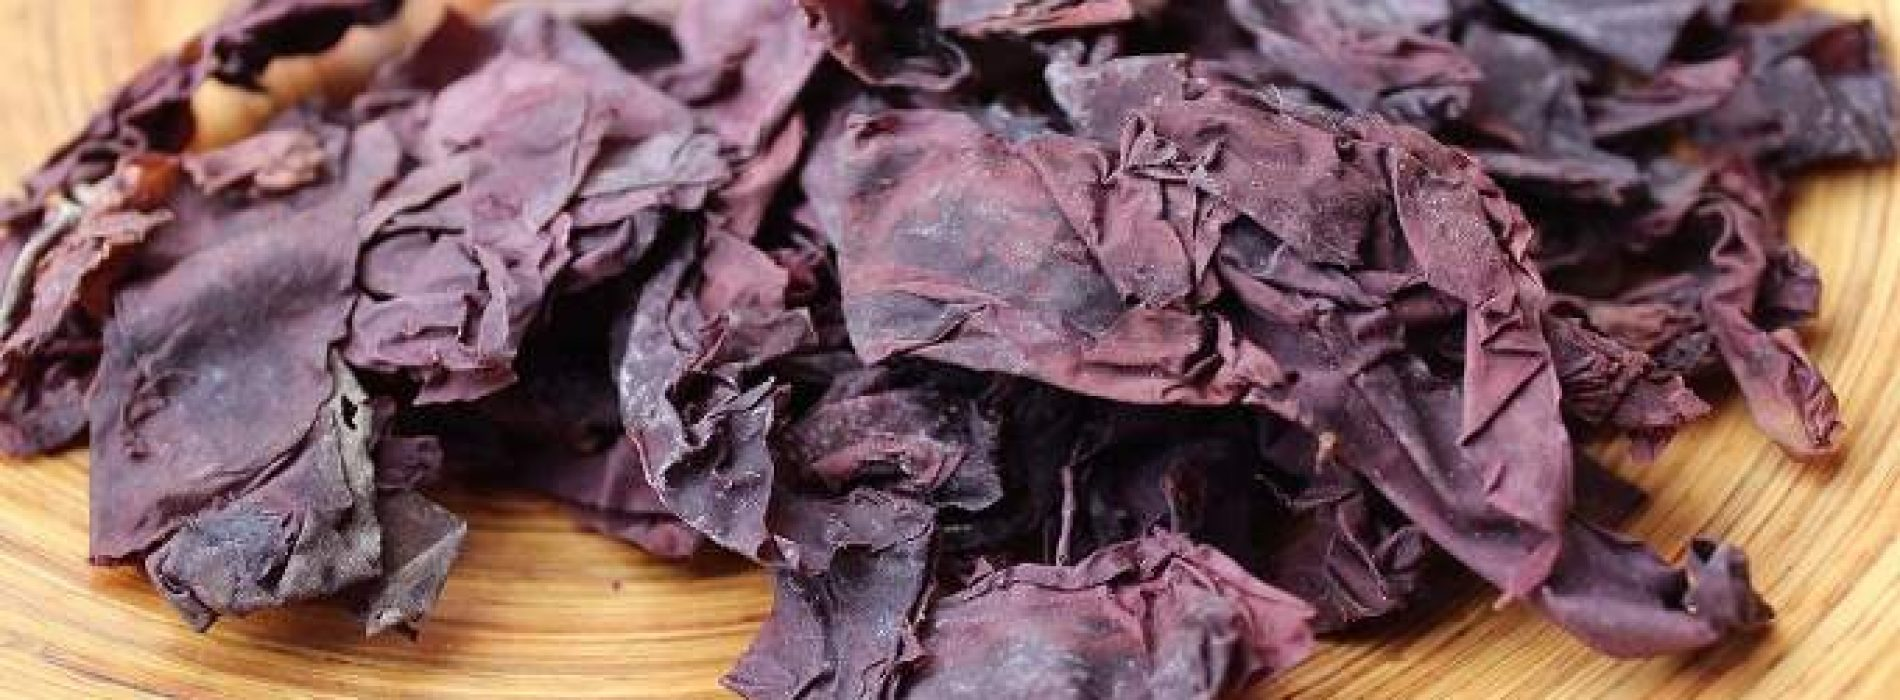 Onderzoekers ontdekken de veganistische heilige graal – zeeplant die smaakt naar bacon, voedzamer dan boerenkool